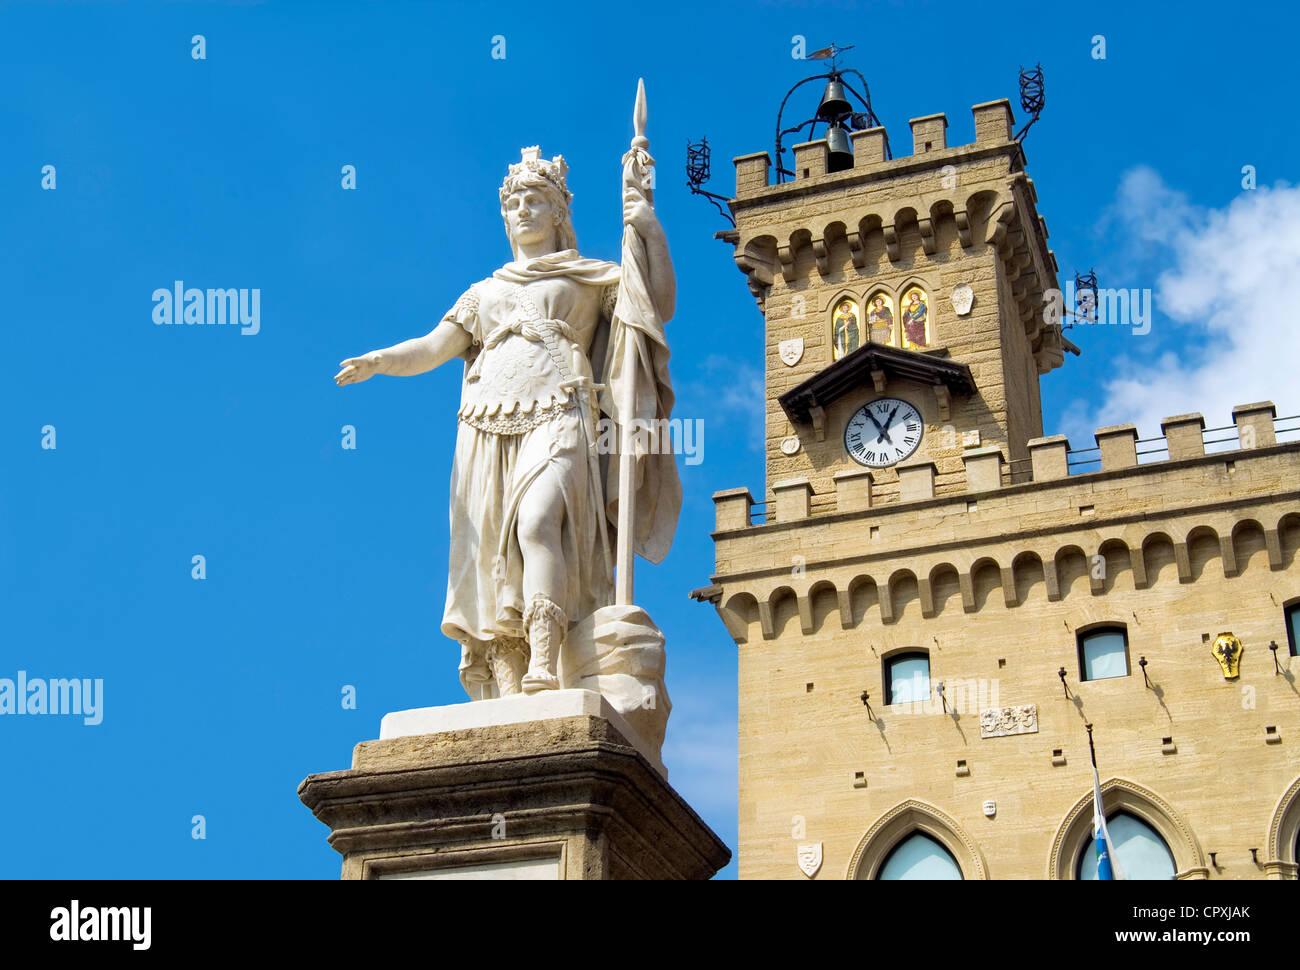 Statua della Libertà and the Palazzo Publico, historical town center of San Marino - Stock Image